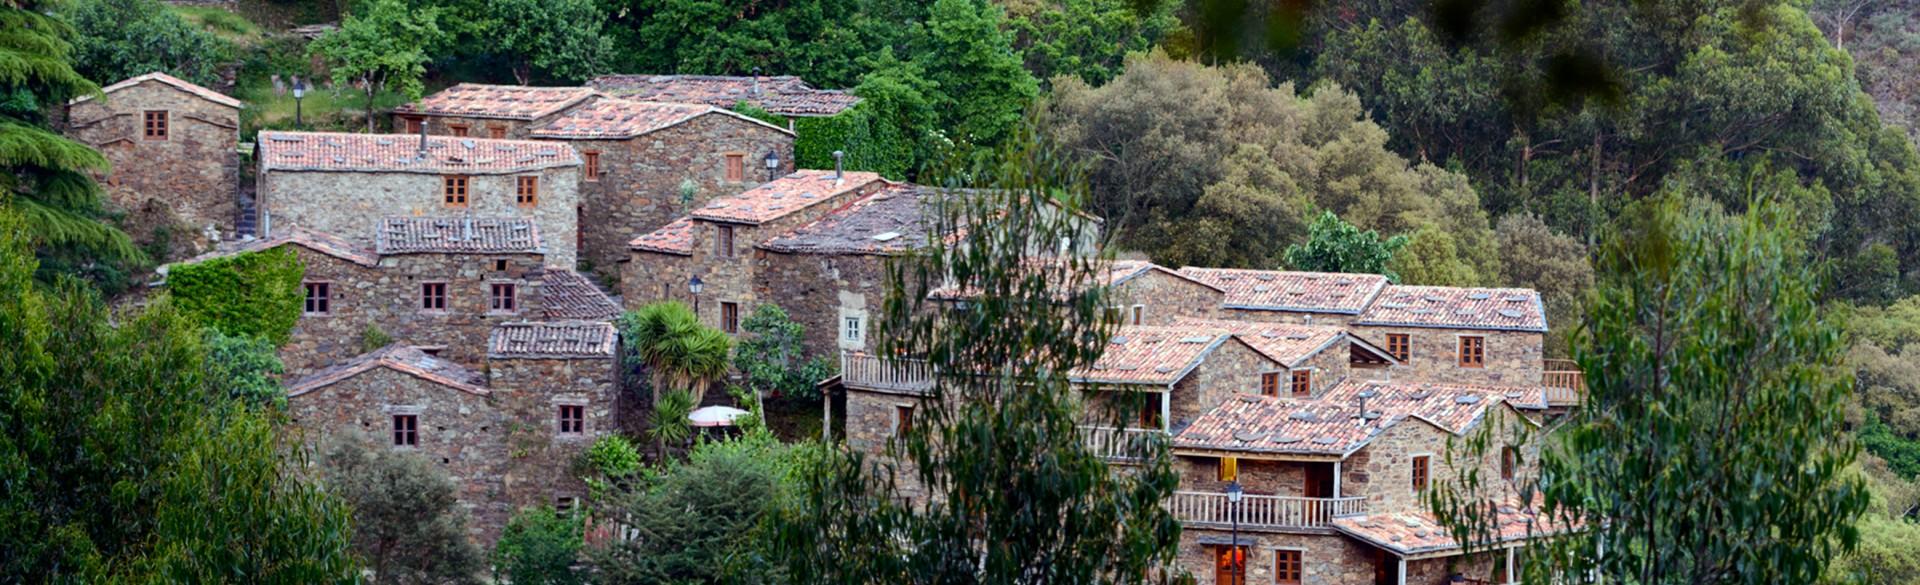 Casa do Vale - Cerdeira - Home for Creativity